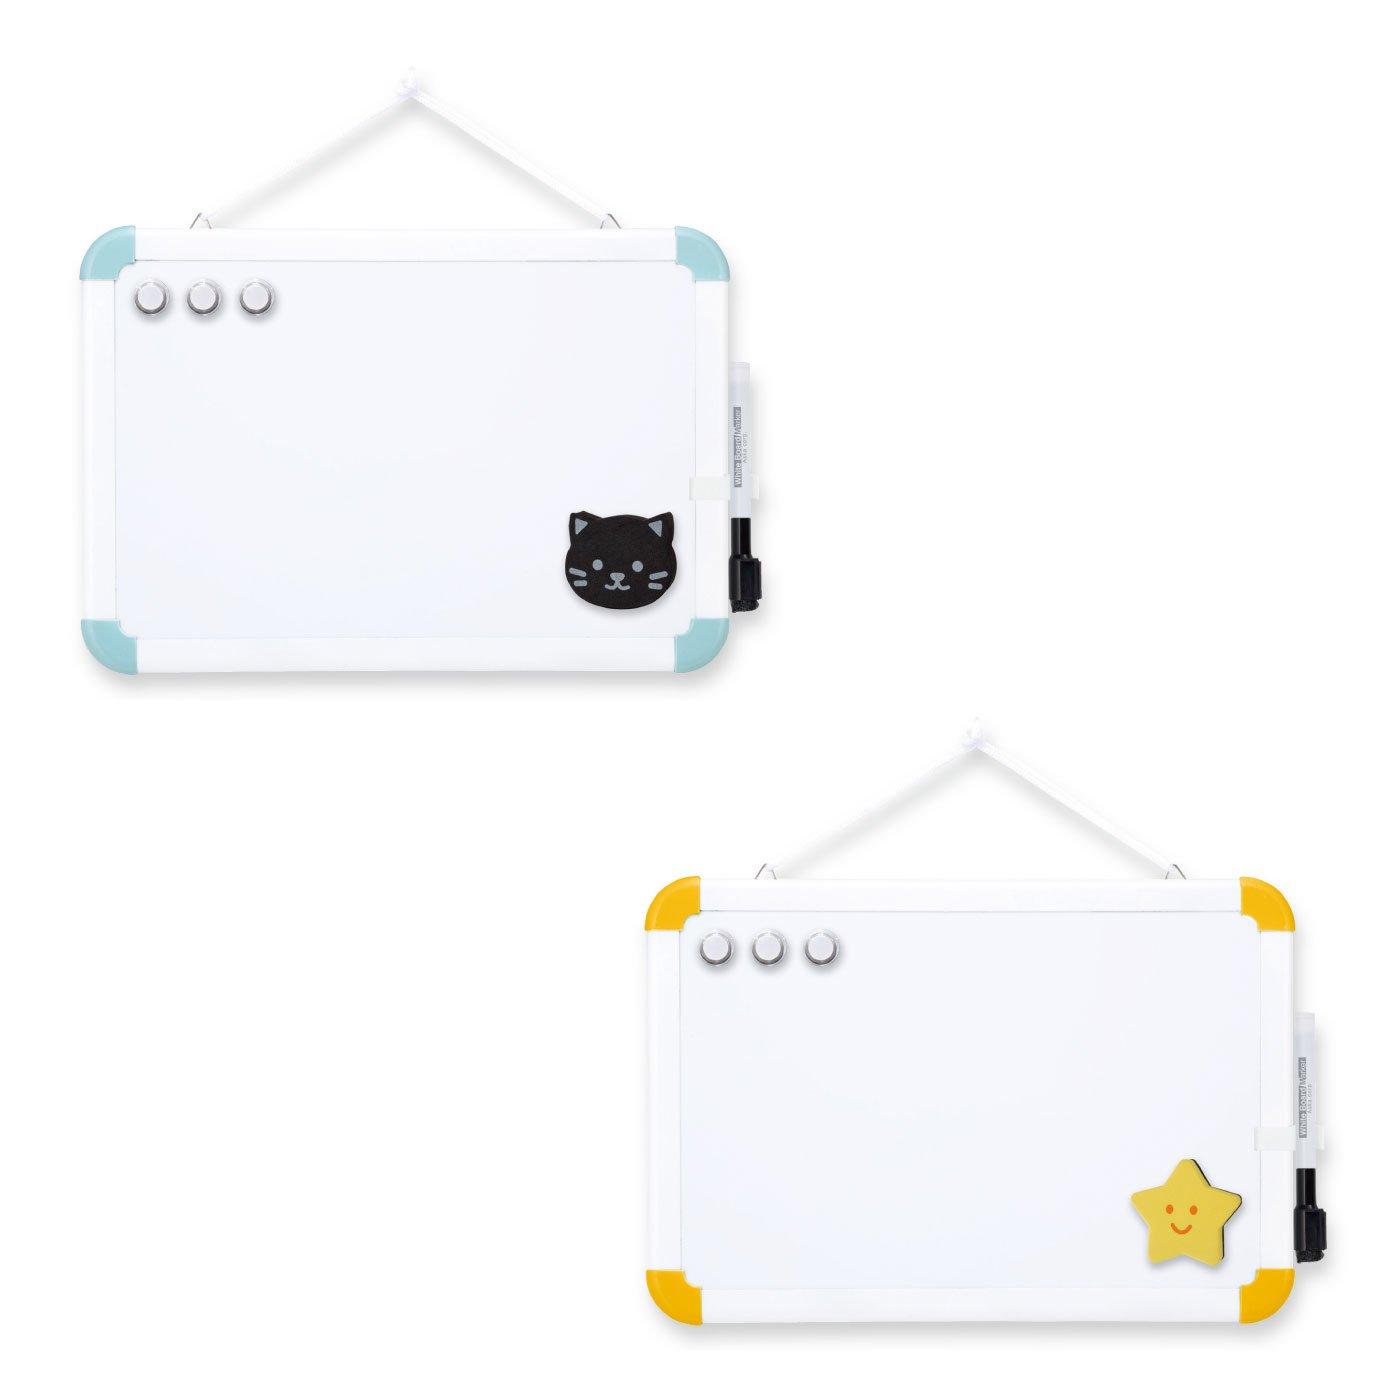 タテ・ヨコOK 磁石も使える金属製ホワイトボード